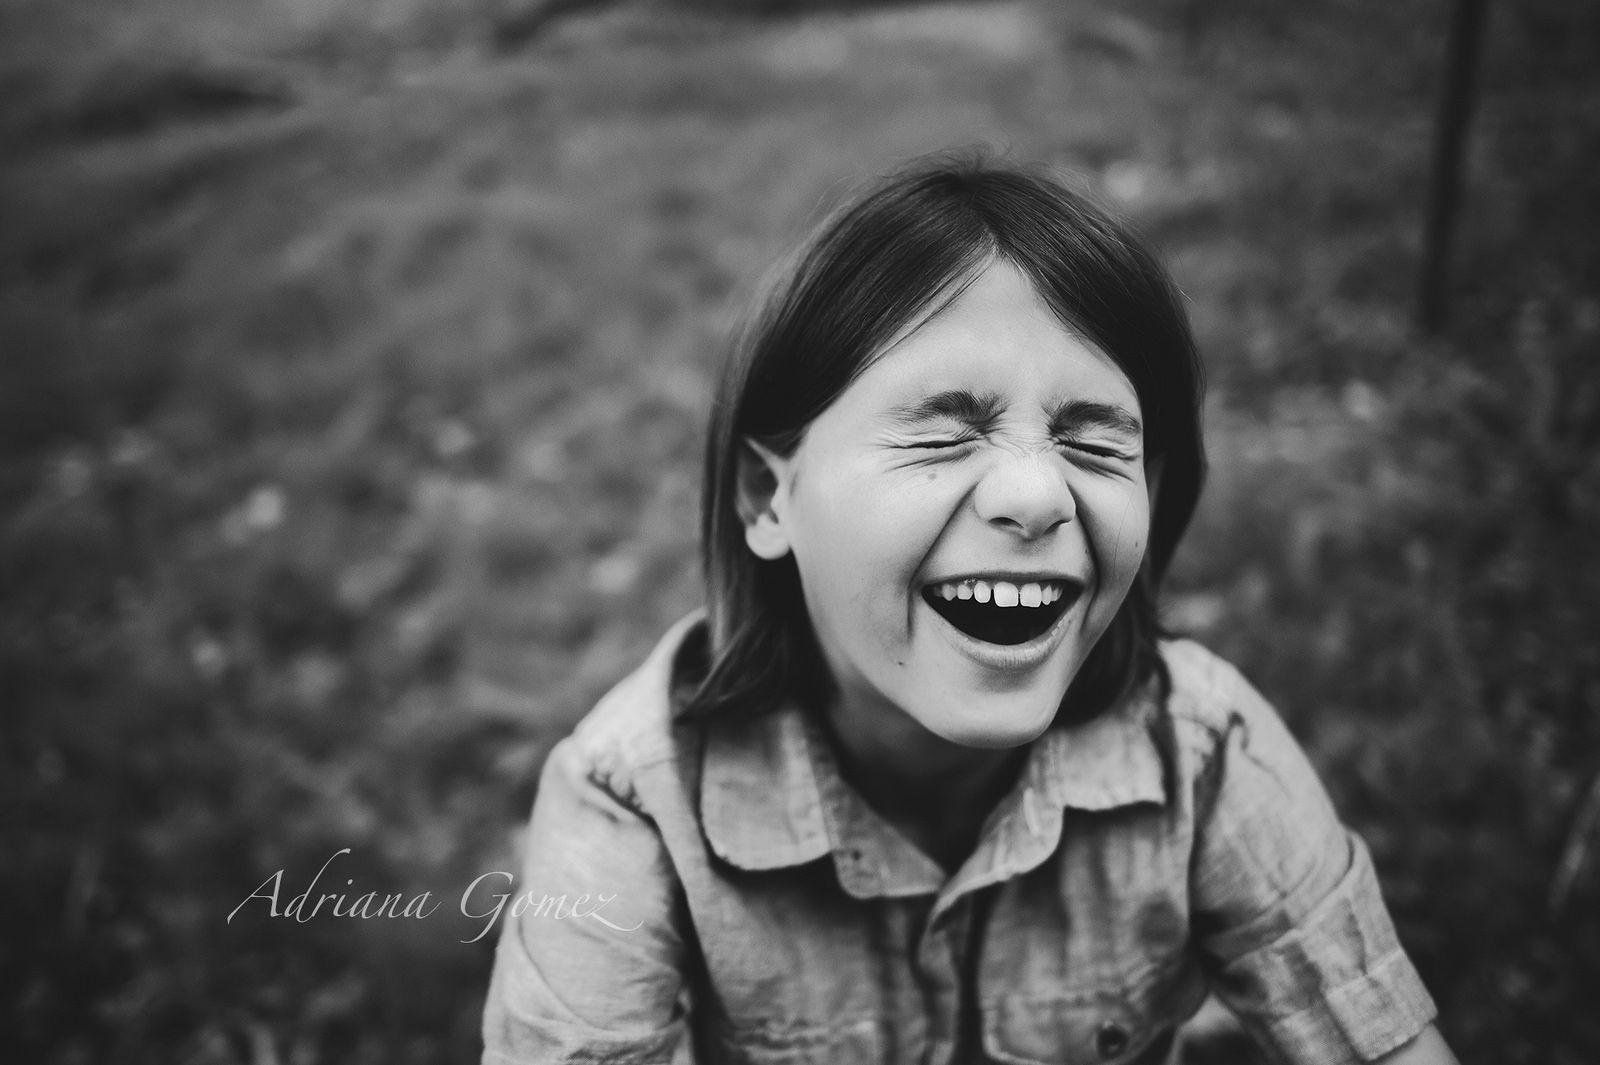 Keep your smile   by Adriana Gomez (Adriana Varela)